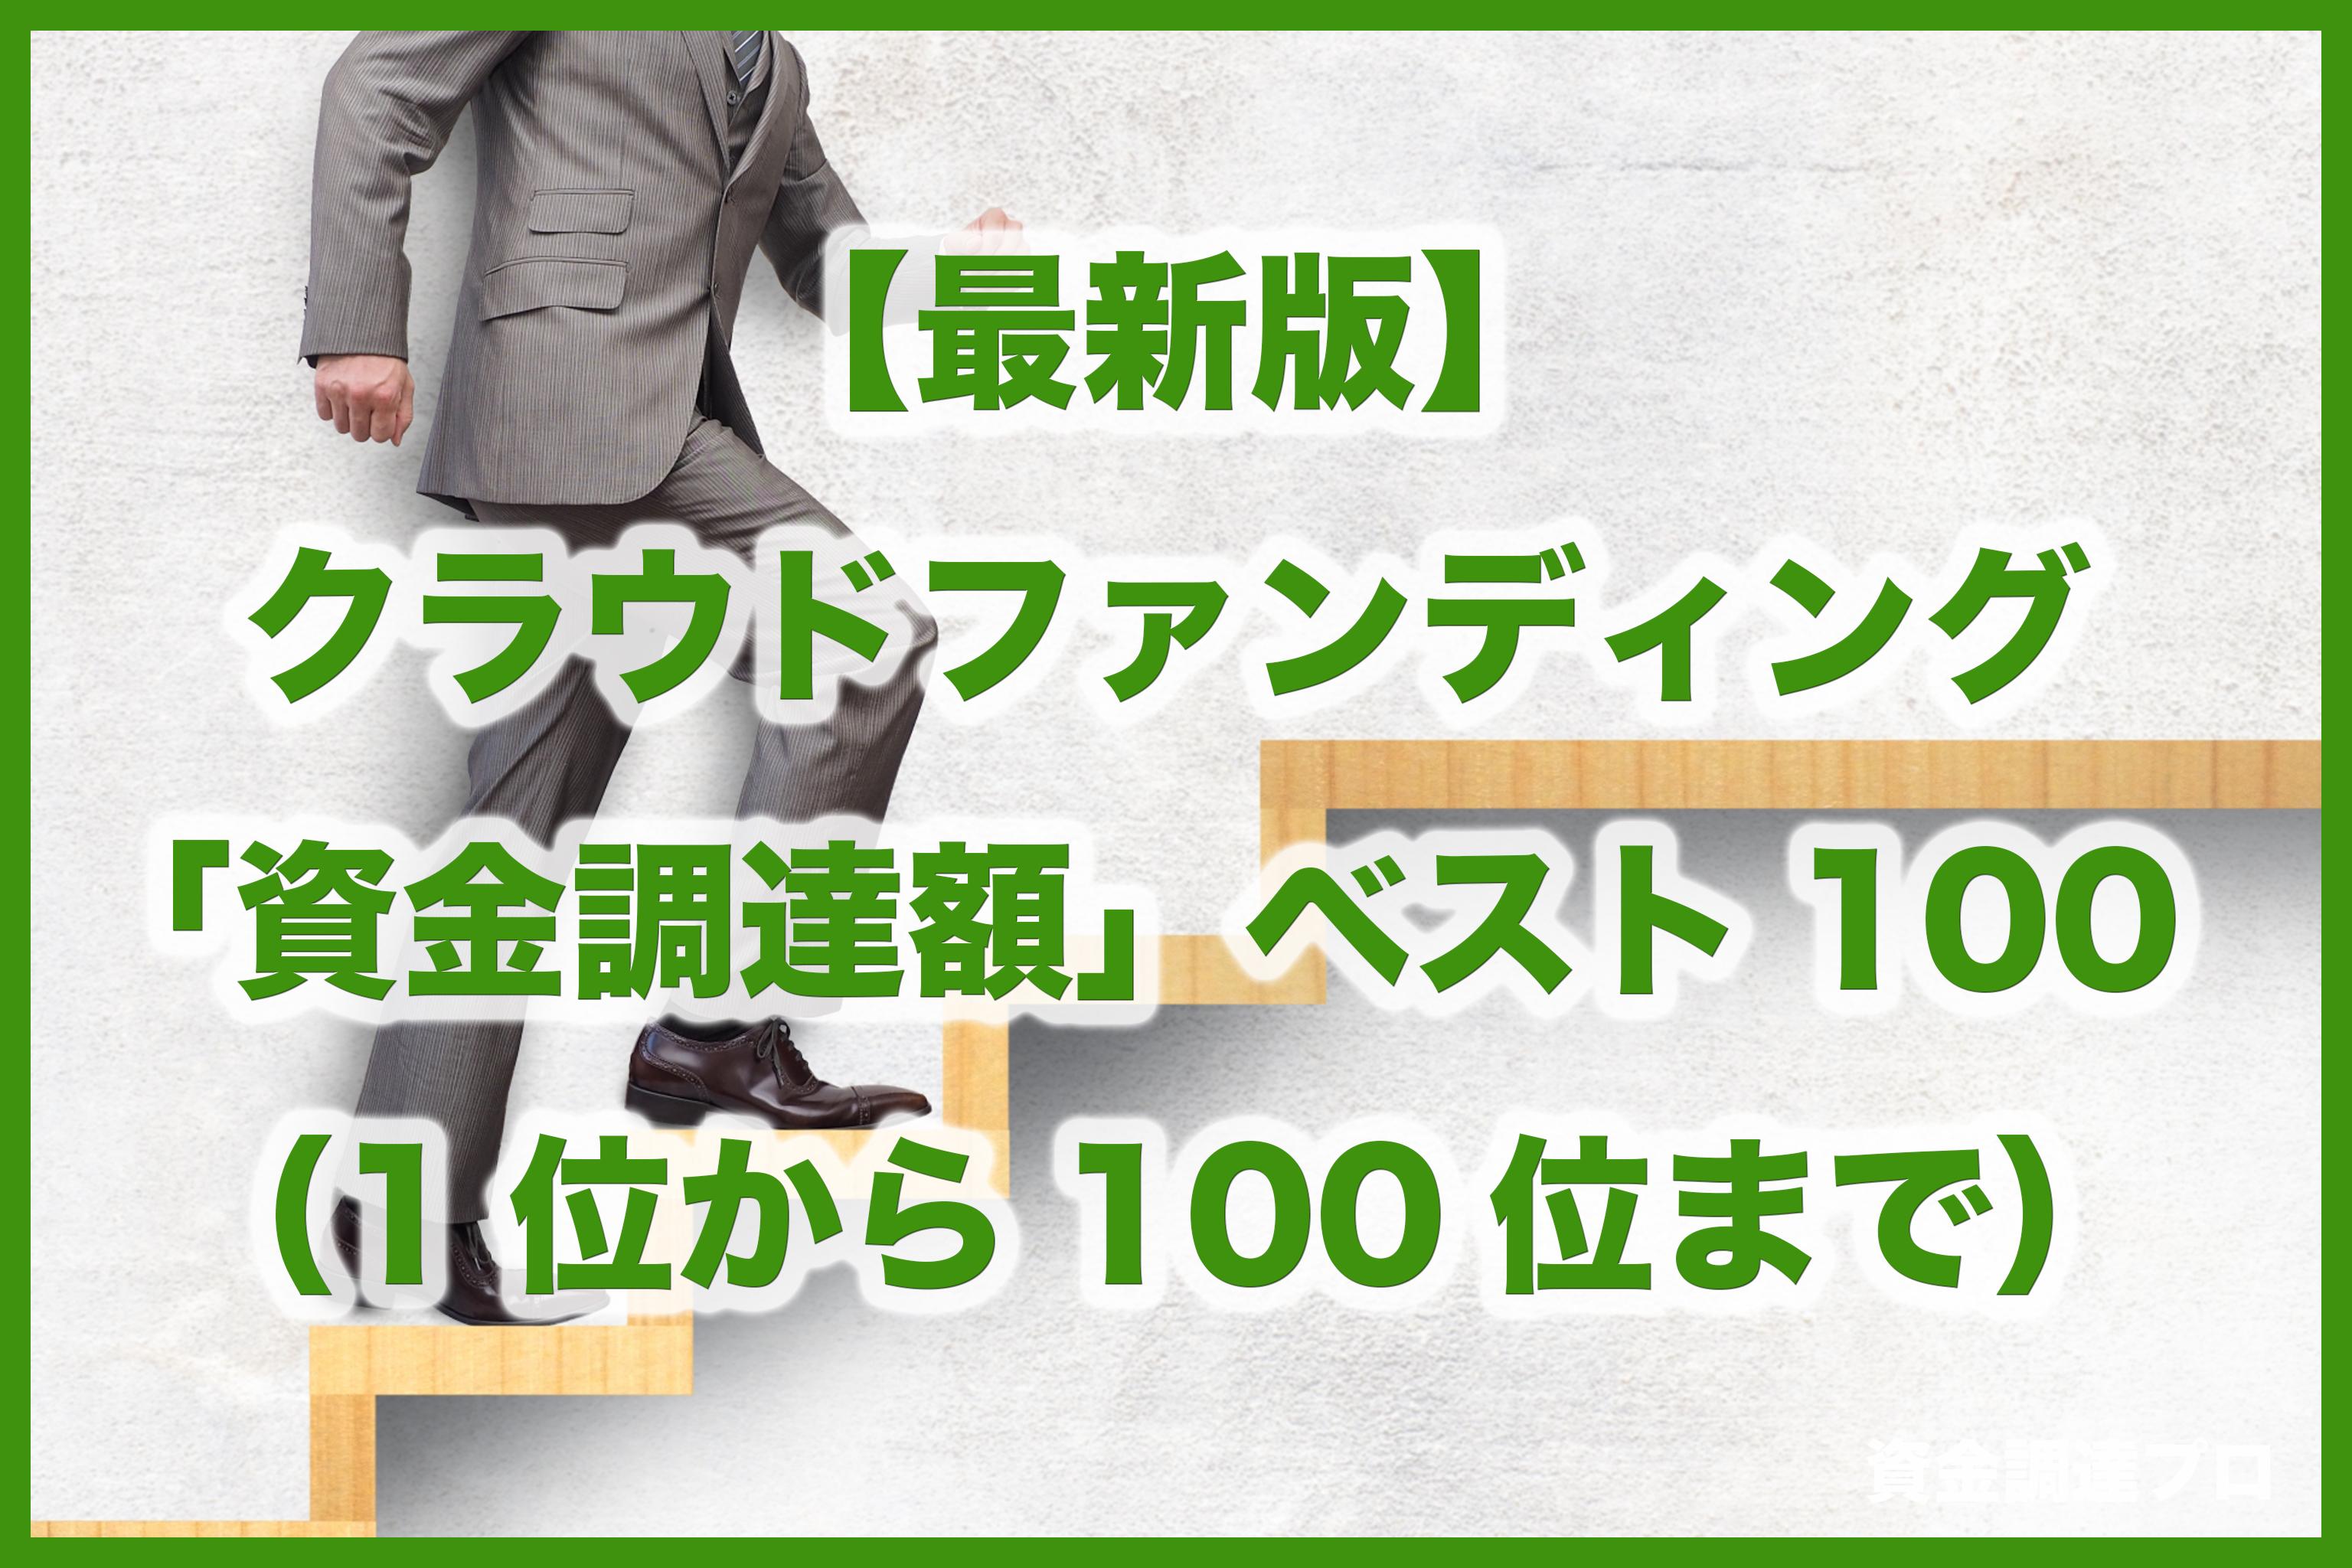 【最新版】クラウドファンディング「資金調達額」ベスト100(1位から100位まで)